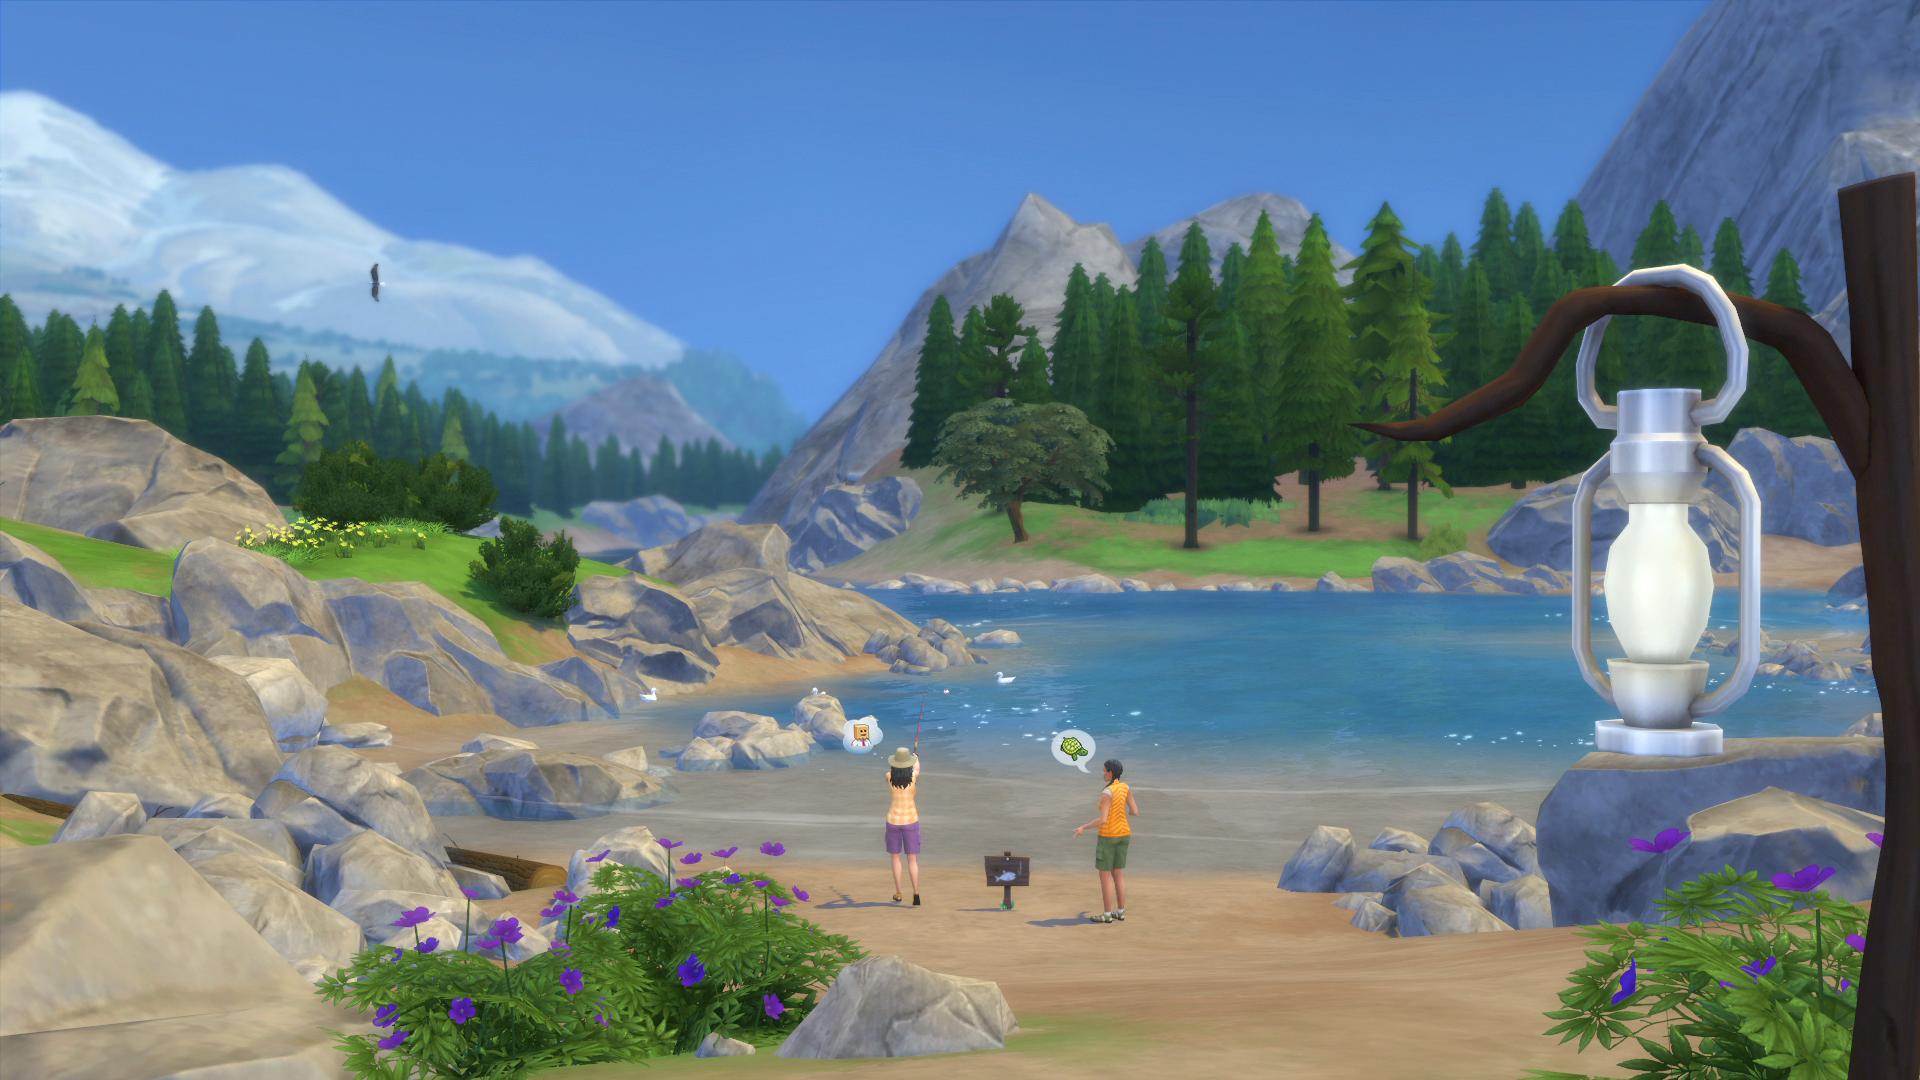 Les Sims 4 Destination Nature 07.png